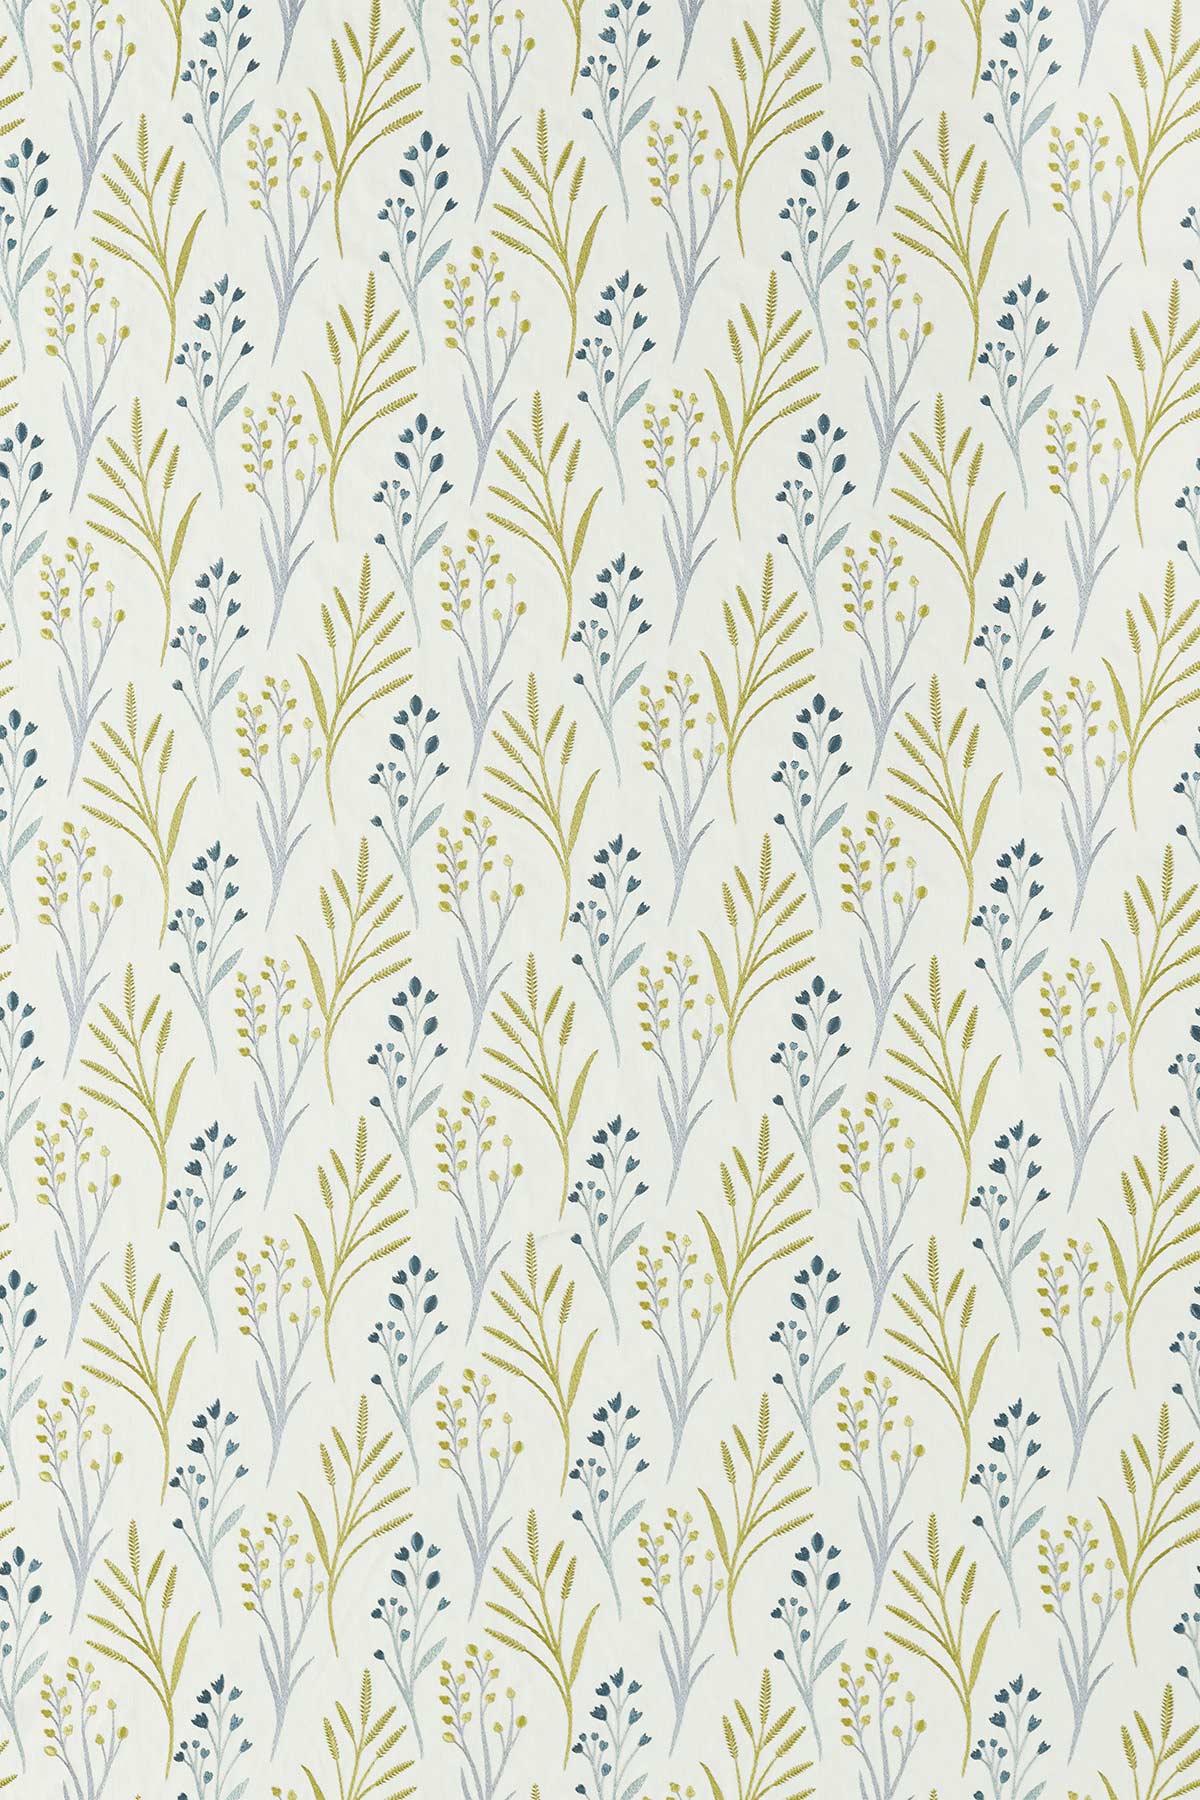 Kinniya  Fabric - Grasshopper - by Scion